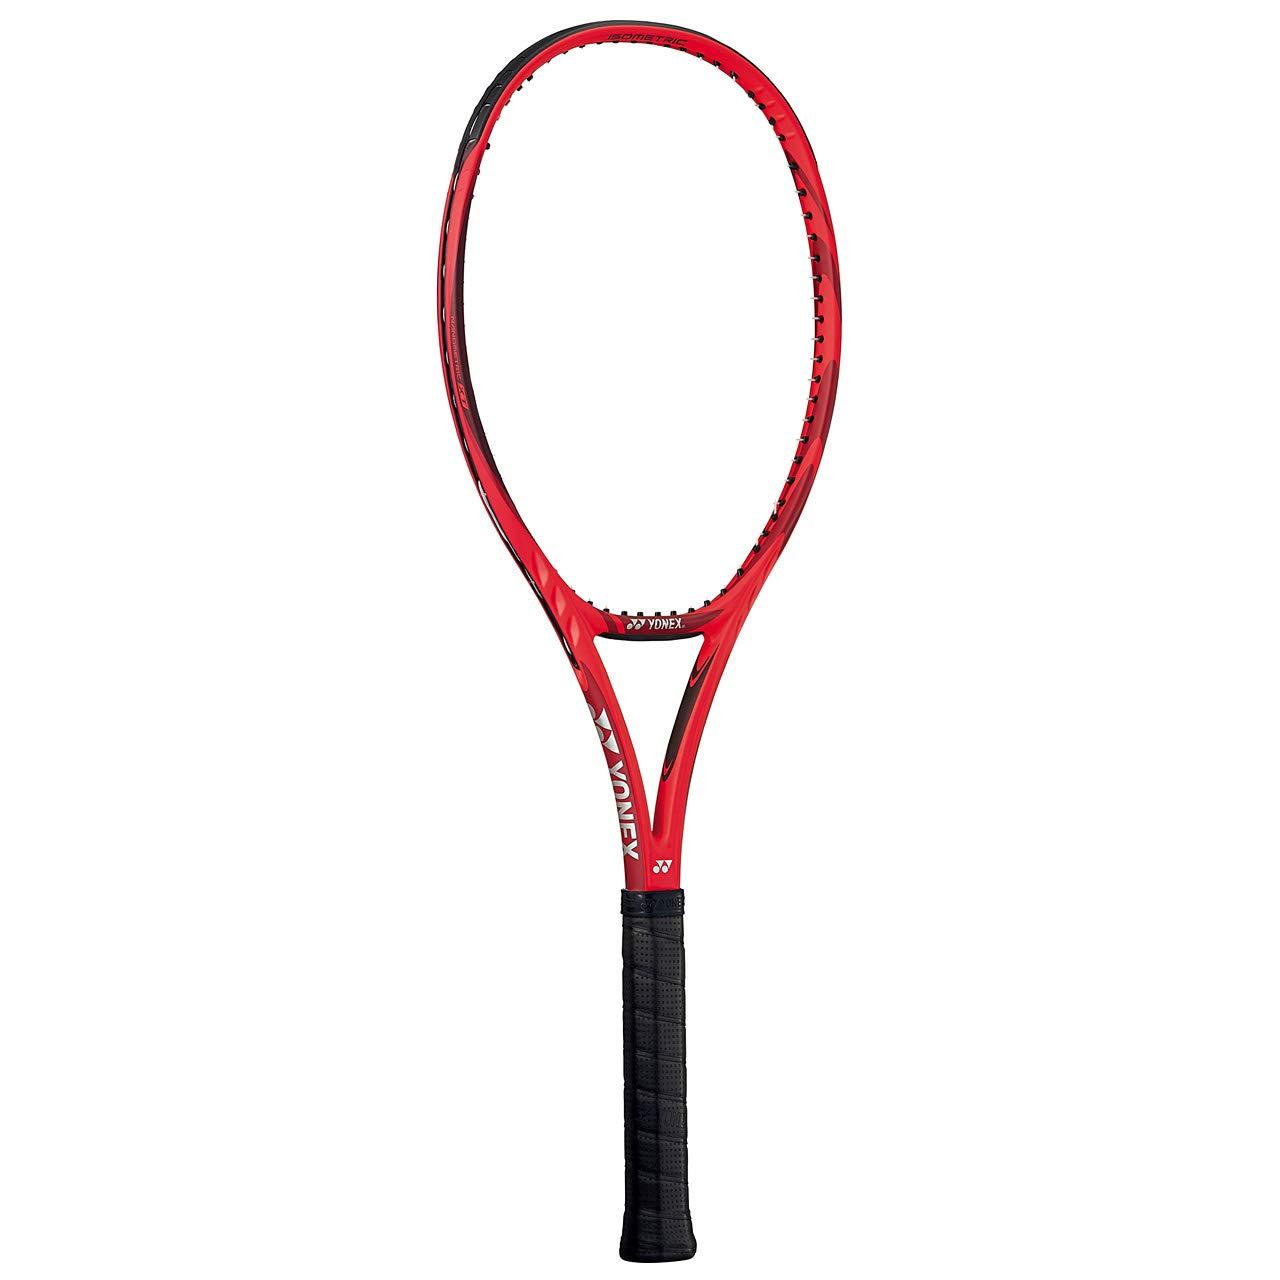 ヨネックス(YONEX) テニスラケット Vコア 95 VCORE 95 18VC95 G2 フレイムレッド(596) B07FLFZVYQ